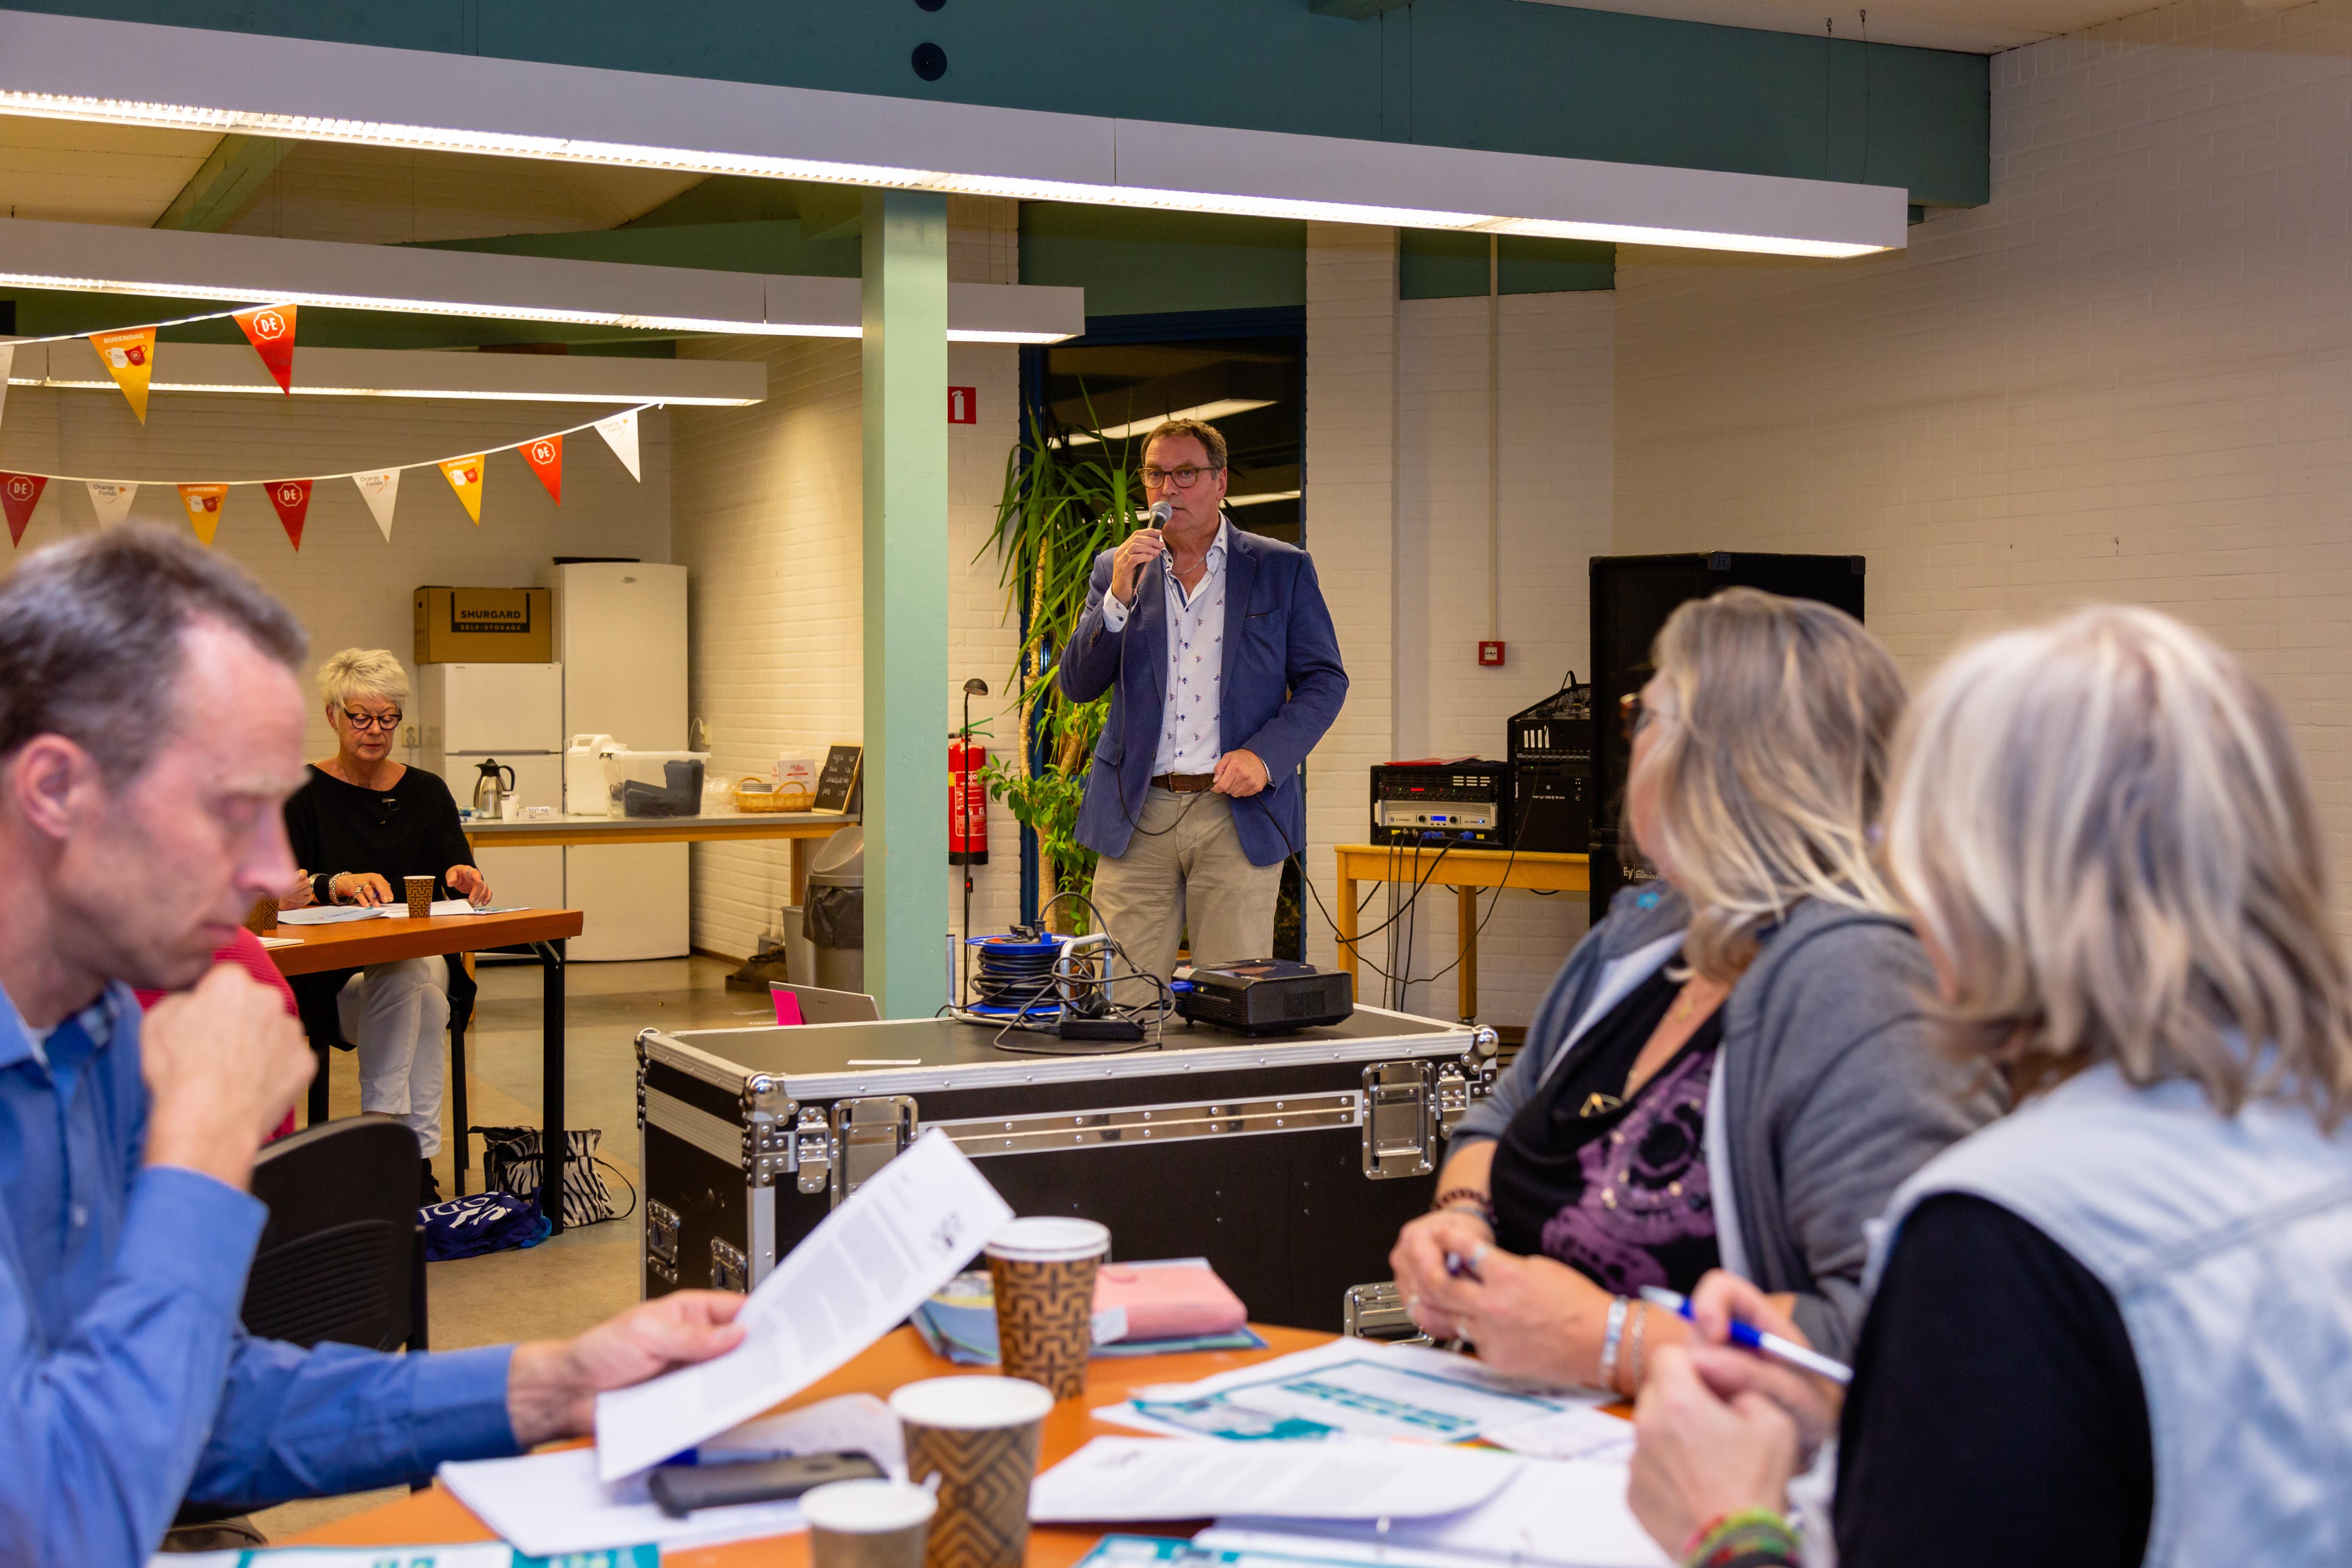 Rodi-redacteur John Bontje neemt de aanwezigen mee in de wereld van het (ideale) persbericht. (Foto: Els Broers)